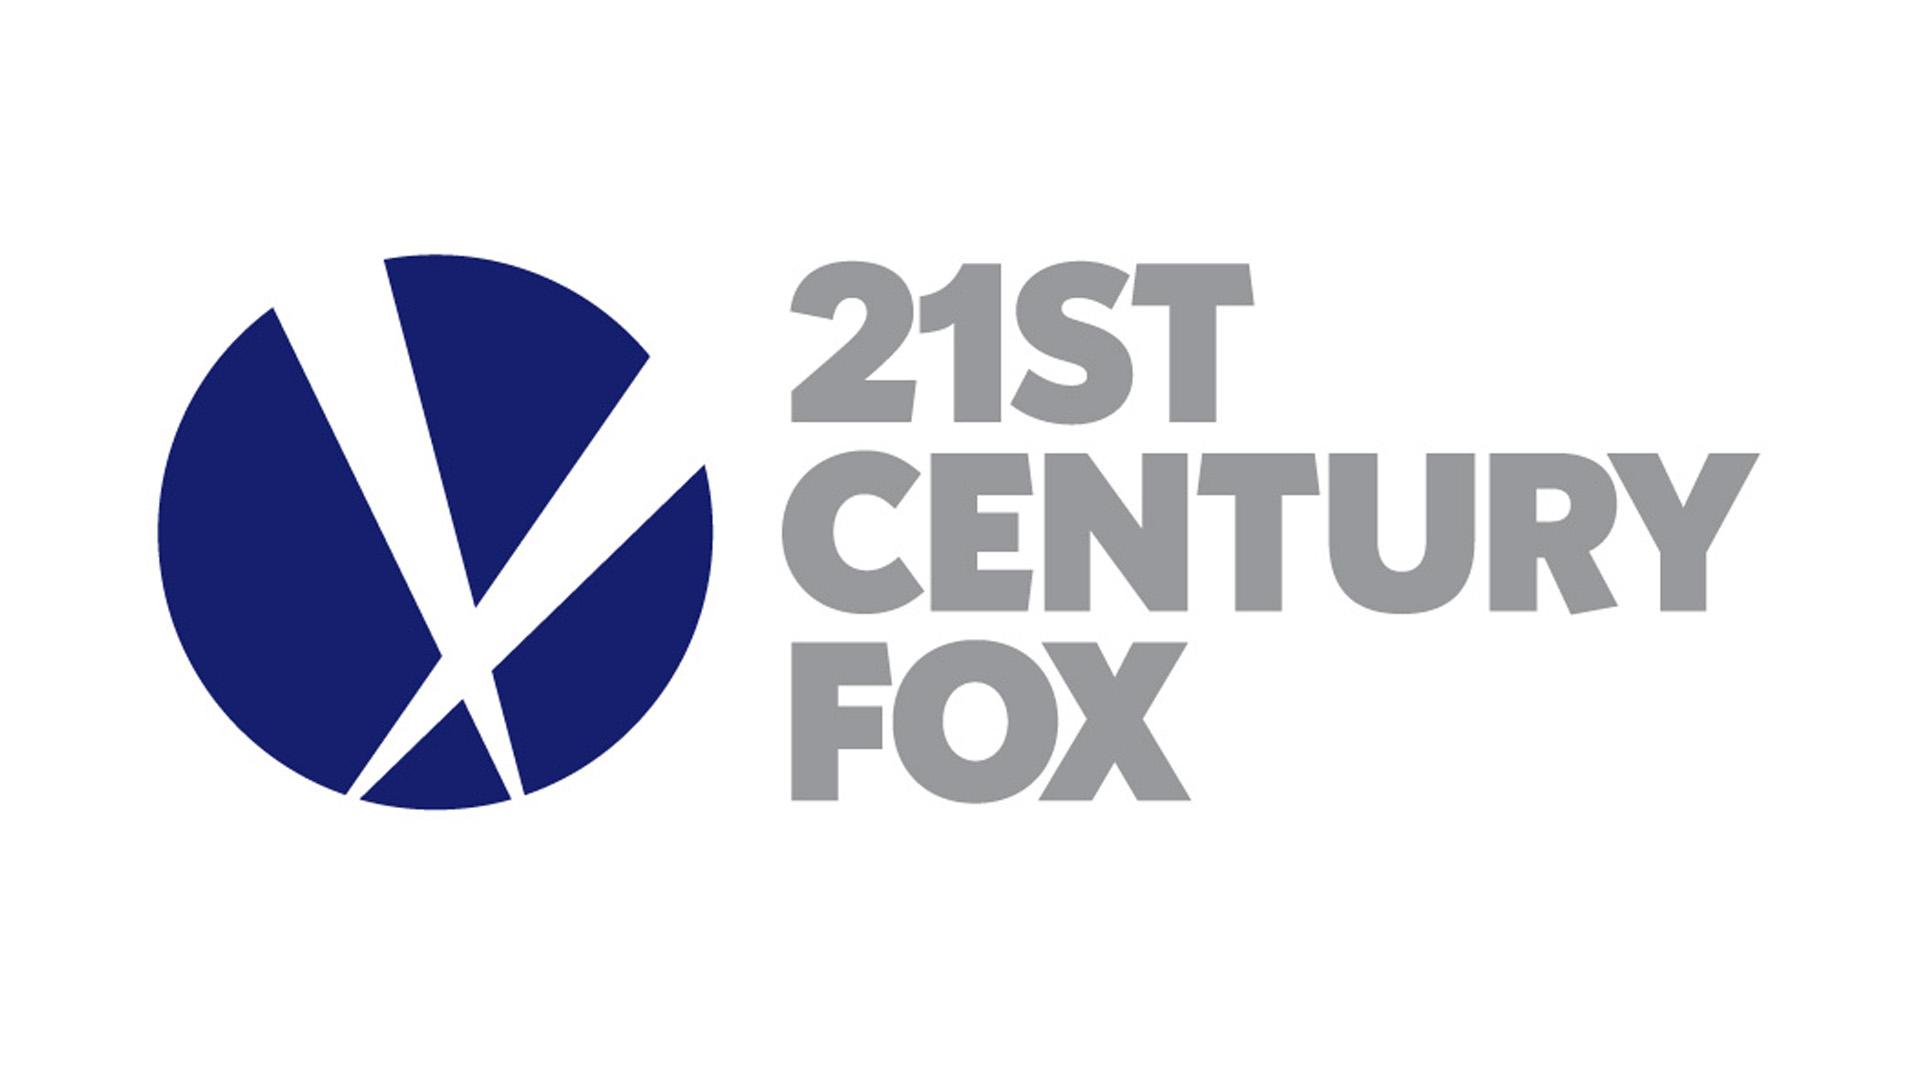 LAS ACCIONES DE 21ST CENTURY FOX SE DISPARAN DESPUÉS DEL INFORME DE LAS CONVERSACIONES DE VENTA CON DISNEY